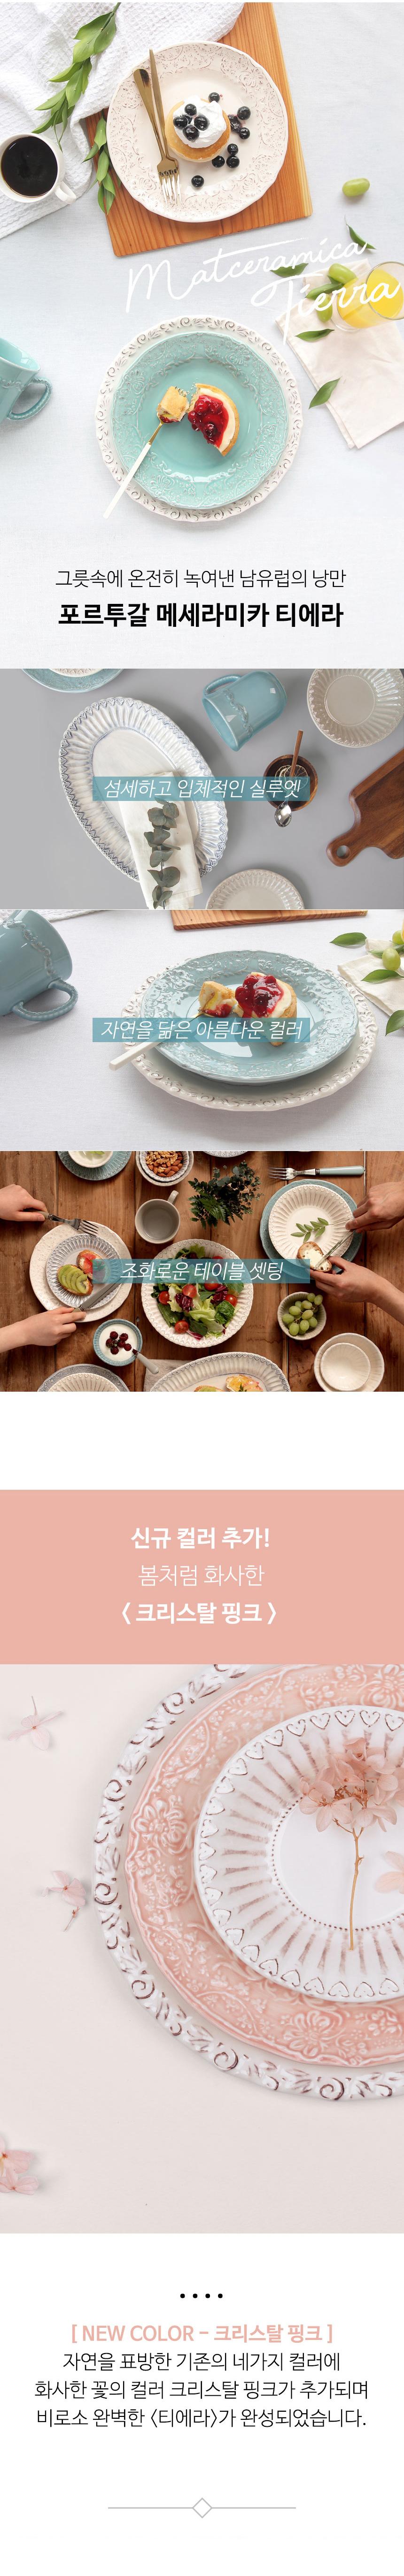 포르투갈 메세라미카 티에라 사이드플레이트 5color18,700원-테이블코드주방/푸드, 주방식기, 접시/찬기, 도자기바보사랑포르투갈 메세라미카 티에라 사이드플레이트 5color18,700원-테이블코드주방/푸드, 주방식기, 접시/찬기, 도자기바보사랑